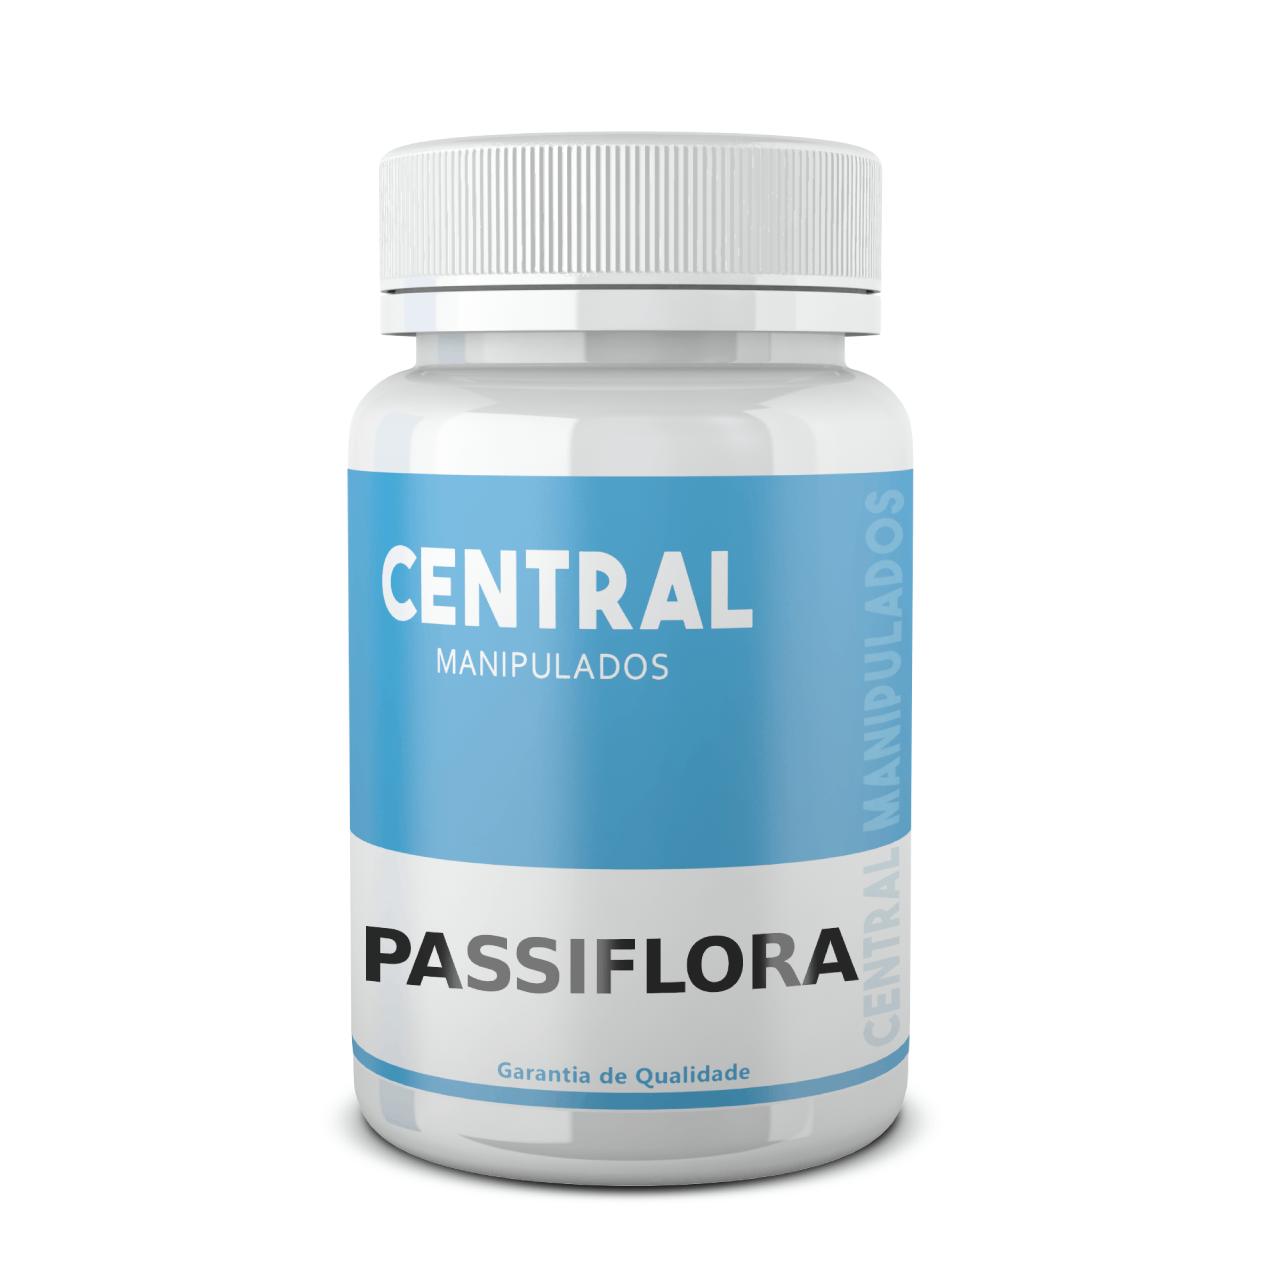 Passiflora 200mg - 120 cápsulas - Calmante Natural